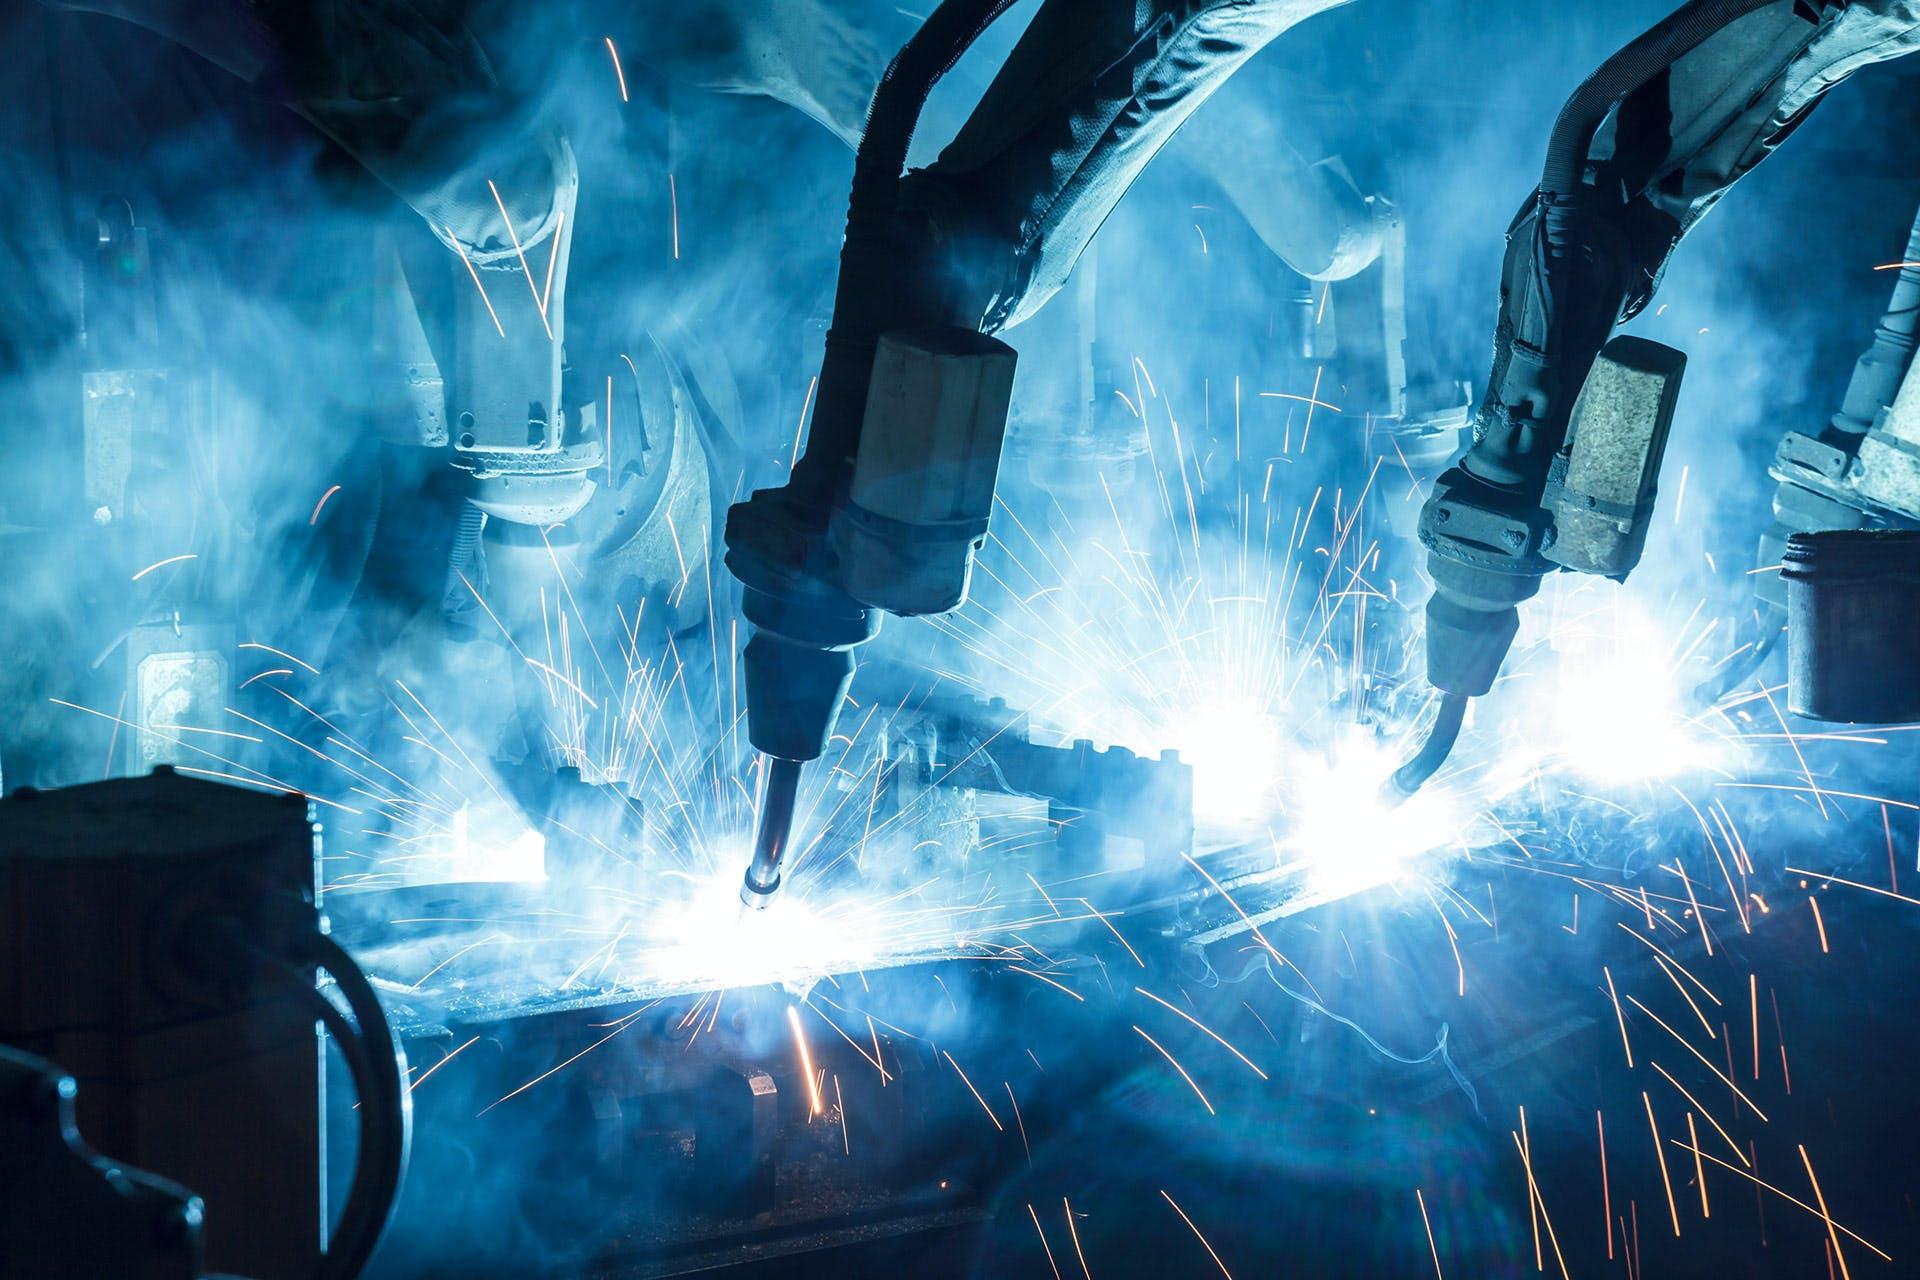 Blick in die Produktion mit schweißenden Roboterarmen und Funken, im Hintergrund ein Arbeiter.